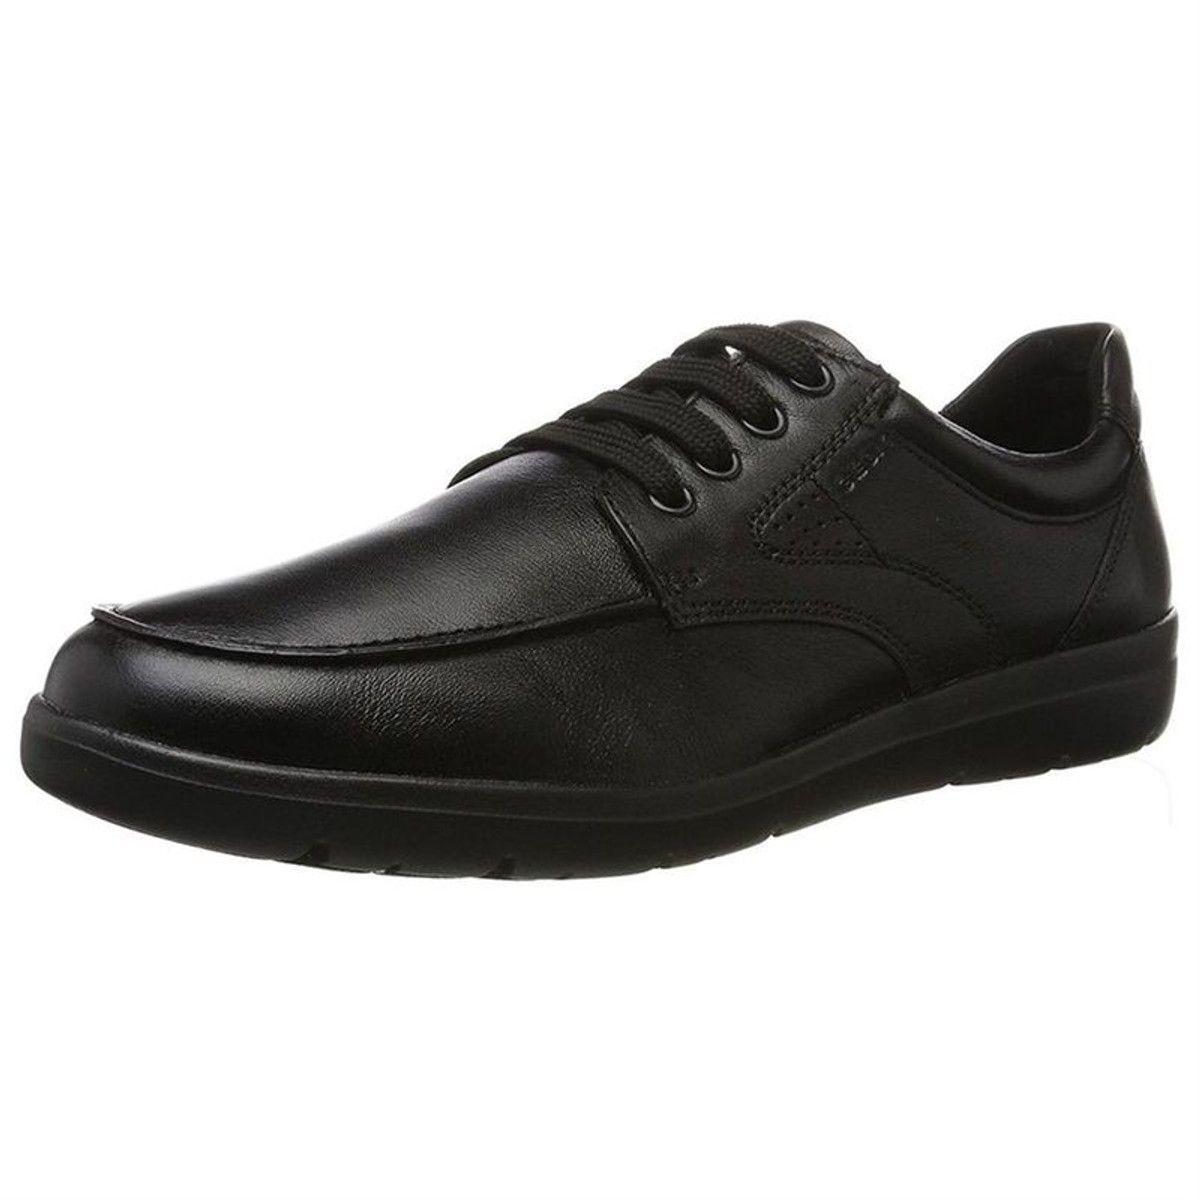 Chaussures À Lacets Cuir Taille : 42;45 en 2019